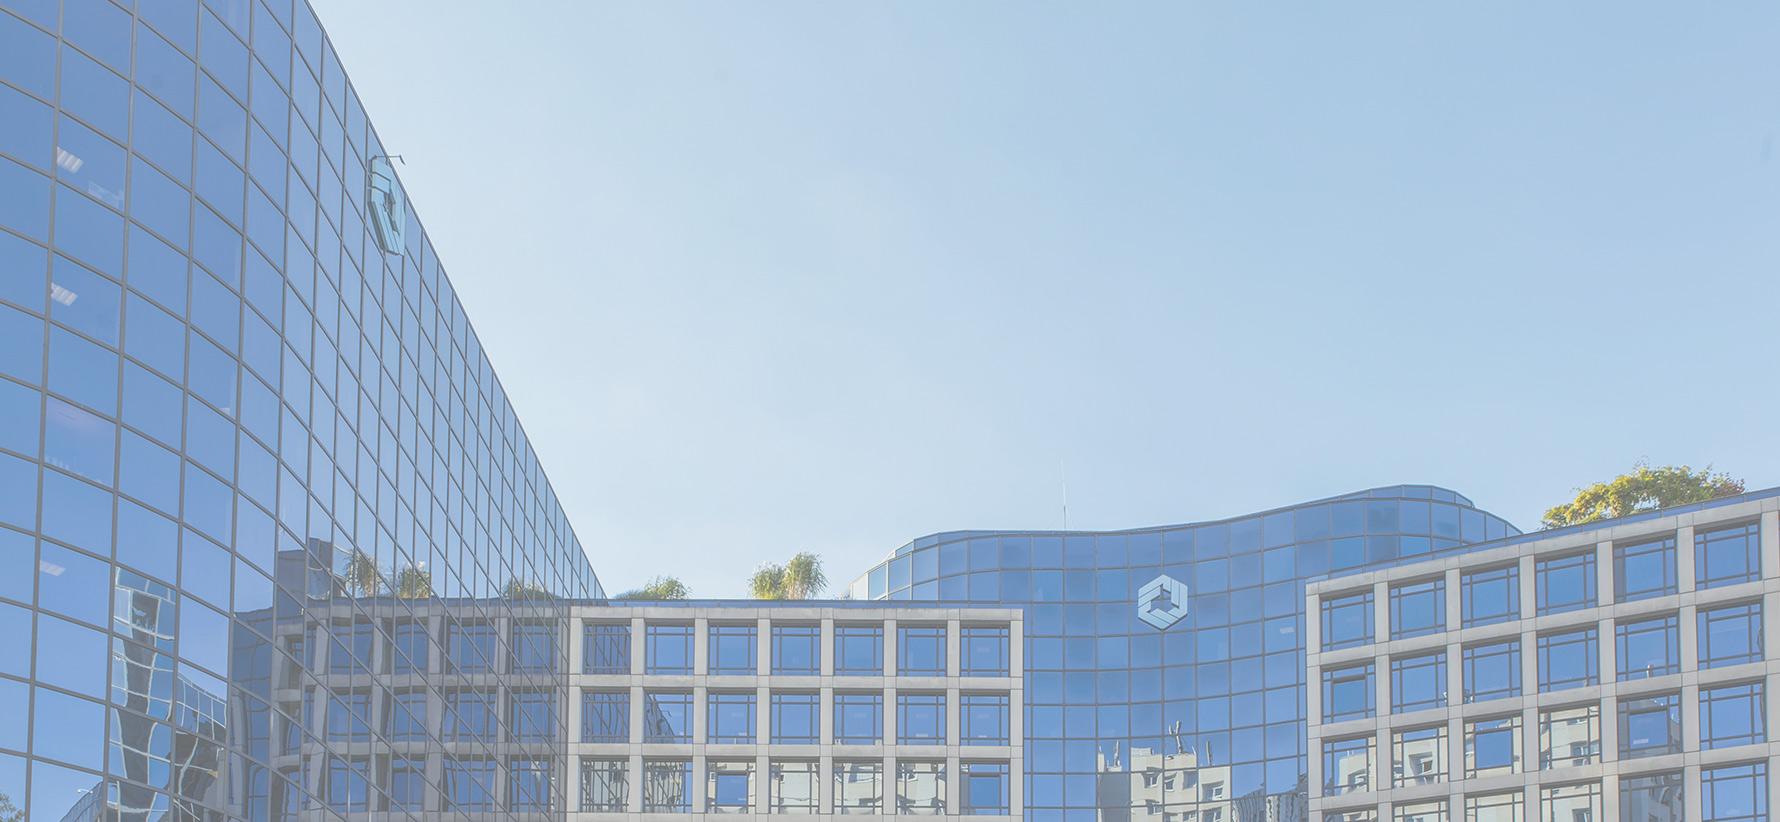 immeuble de l'AGMM en verre avec le logo de la FIM